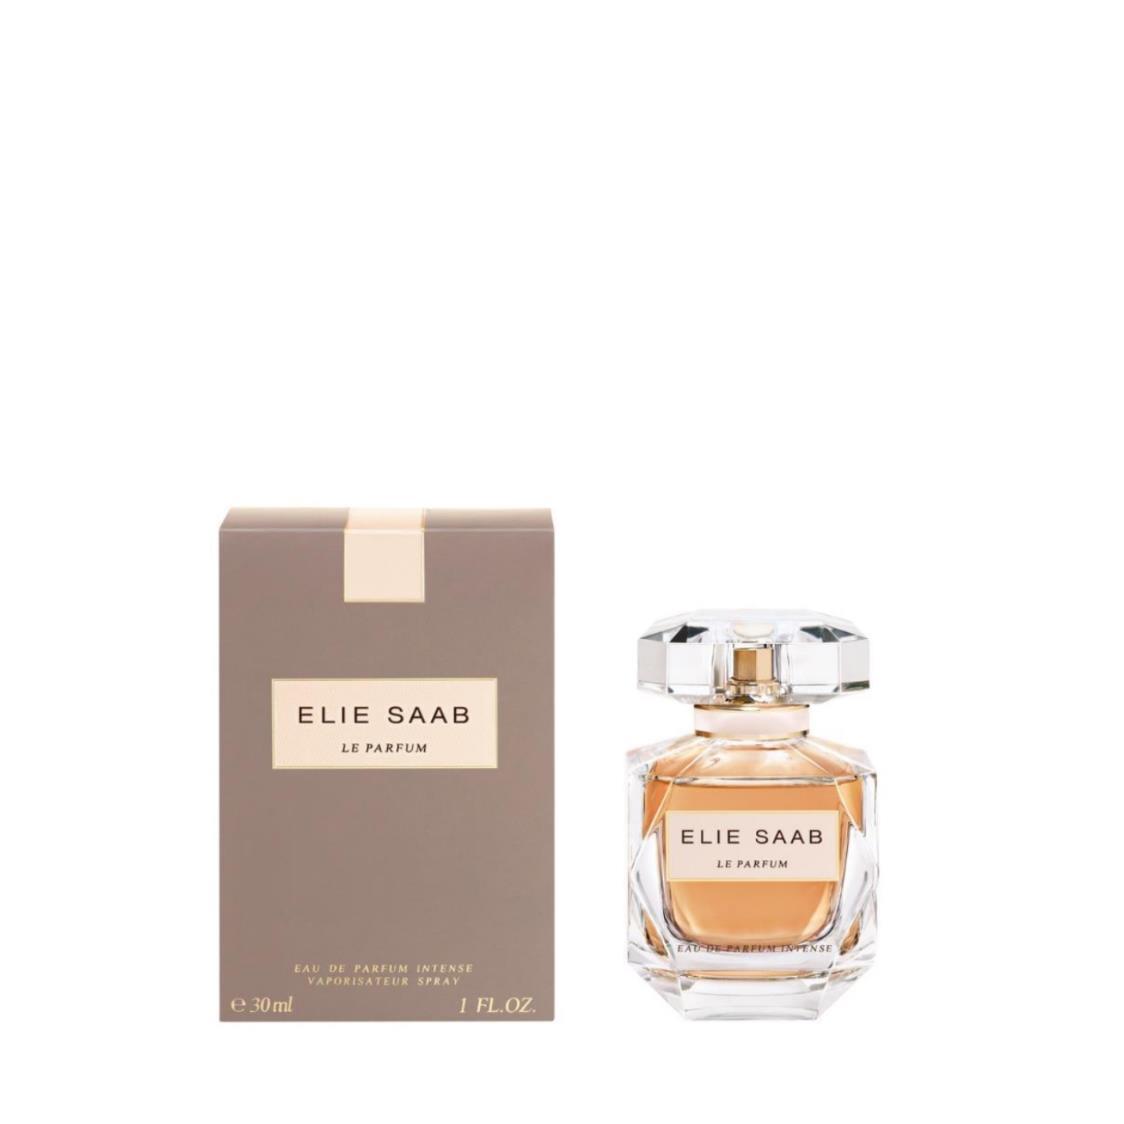 Elie Saab Le Parfum EDP Intense Spray 30ml